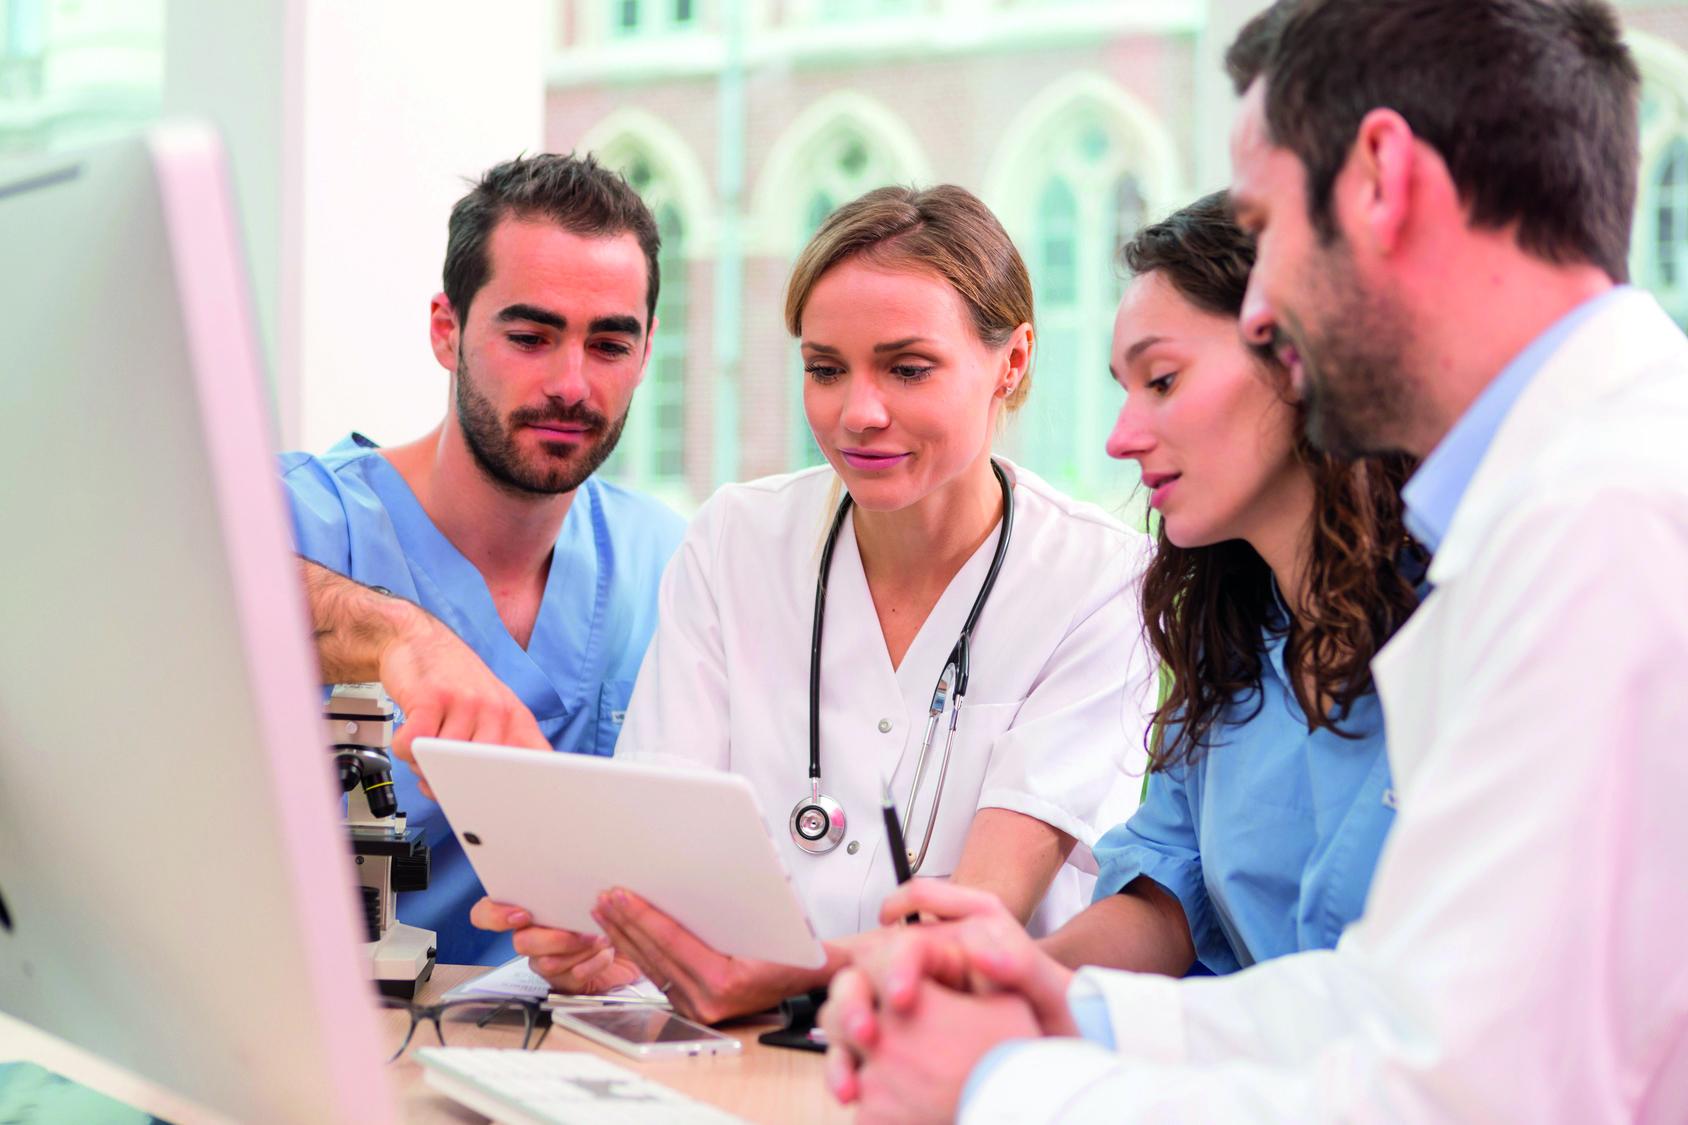 Team einer Krankenhausstation in Besprechung, Copyright: Fotolia